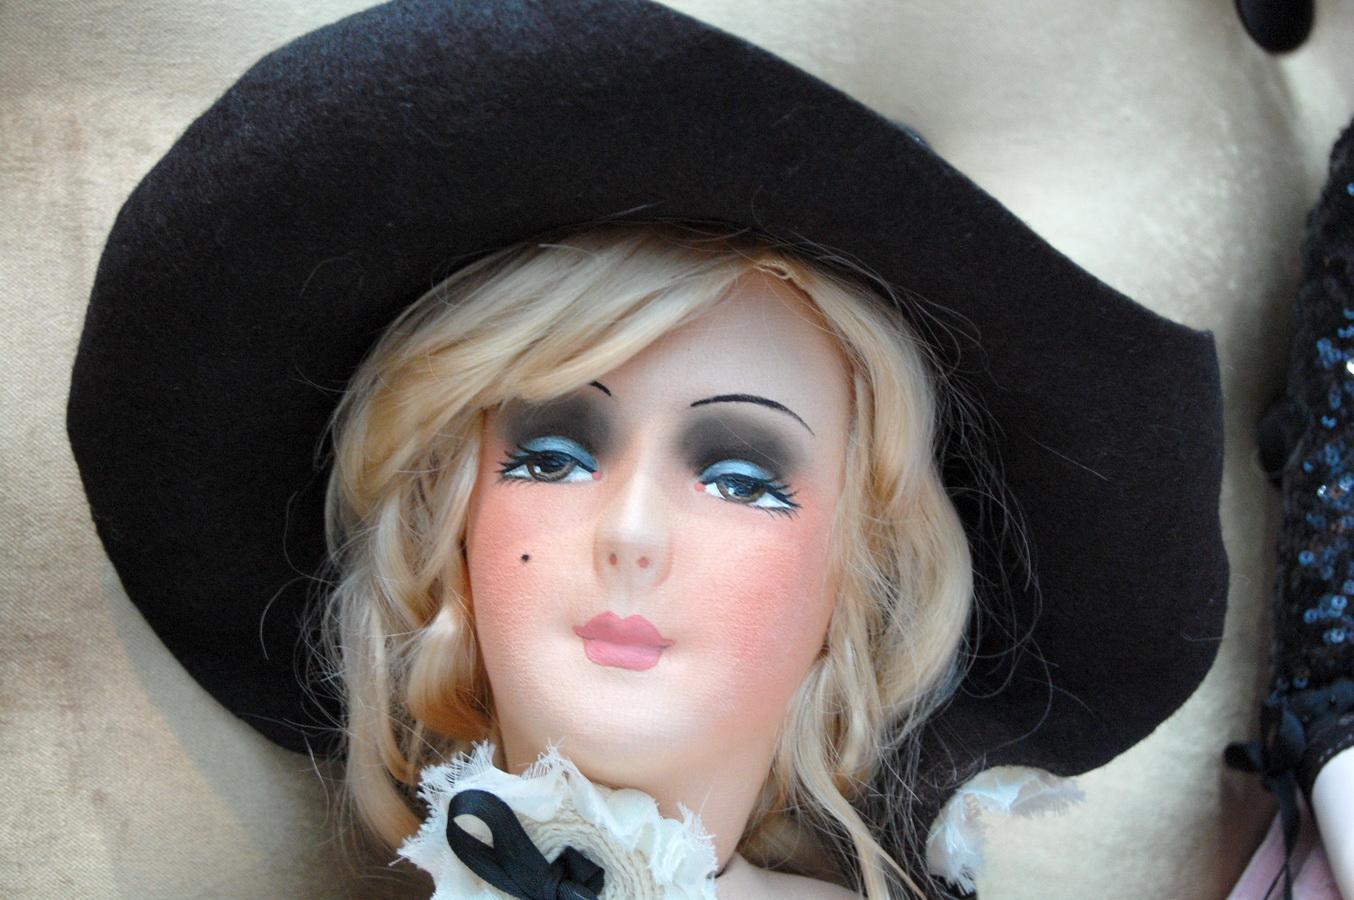 фото будуарной куклs похожей на Мерлин Монро